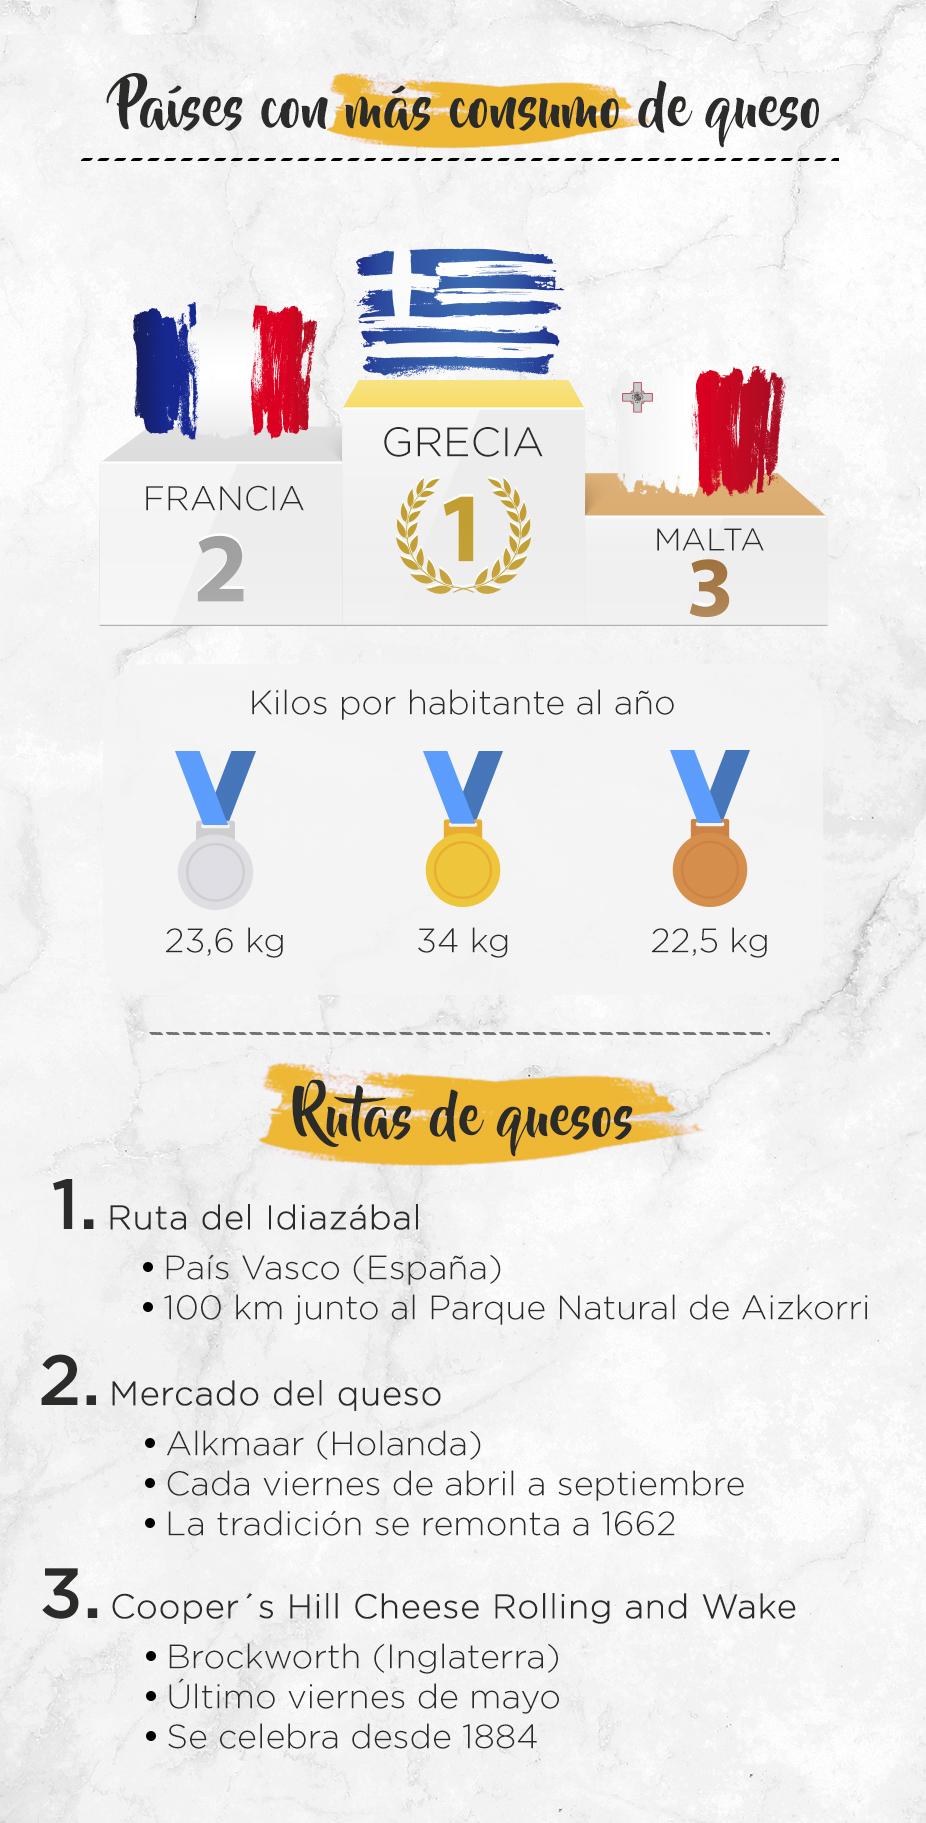 Infografía en la que se muestra en que países se consume más queso